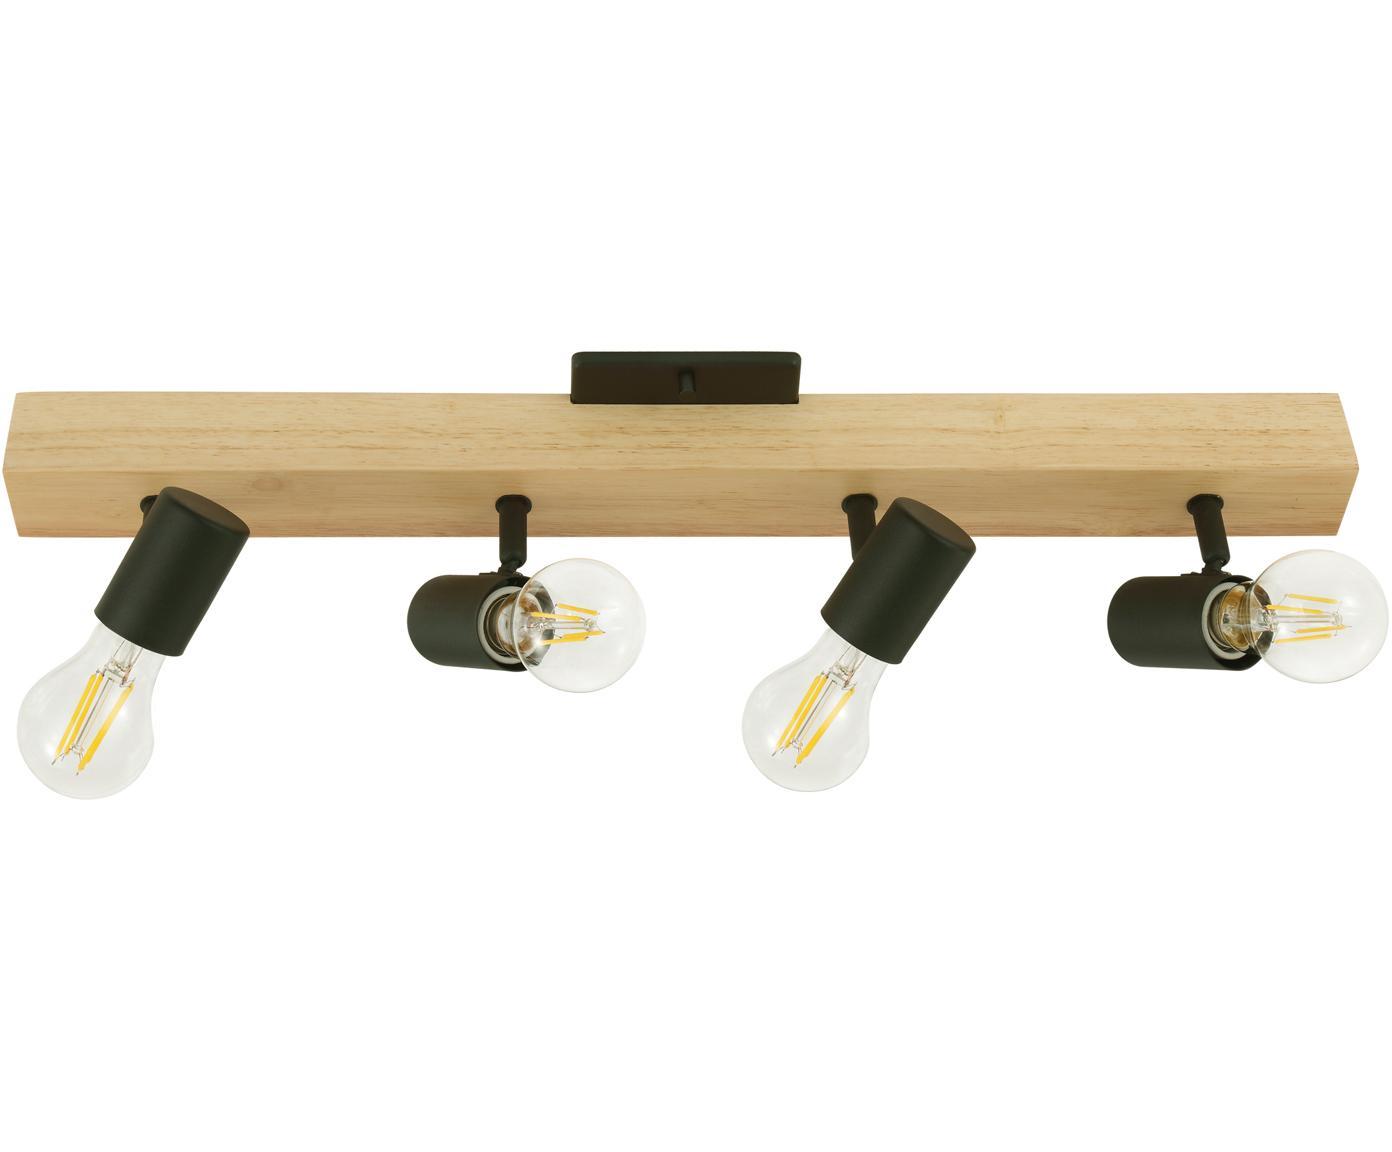 Faretti da soffitto Townshend, Acciaio rivestito, legno, Nero, legno, Larg. 63 x Alt. 13 cm